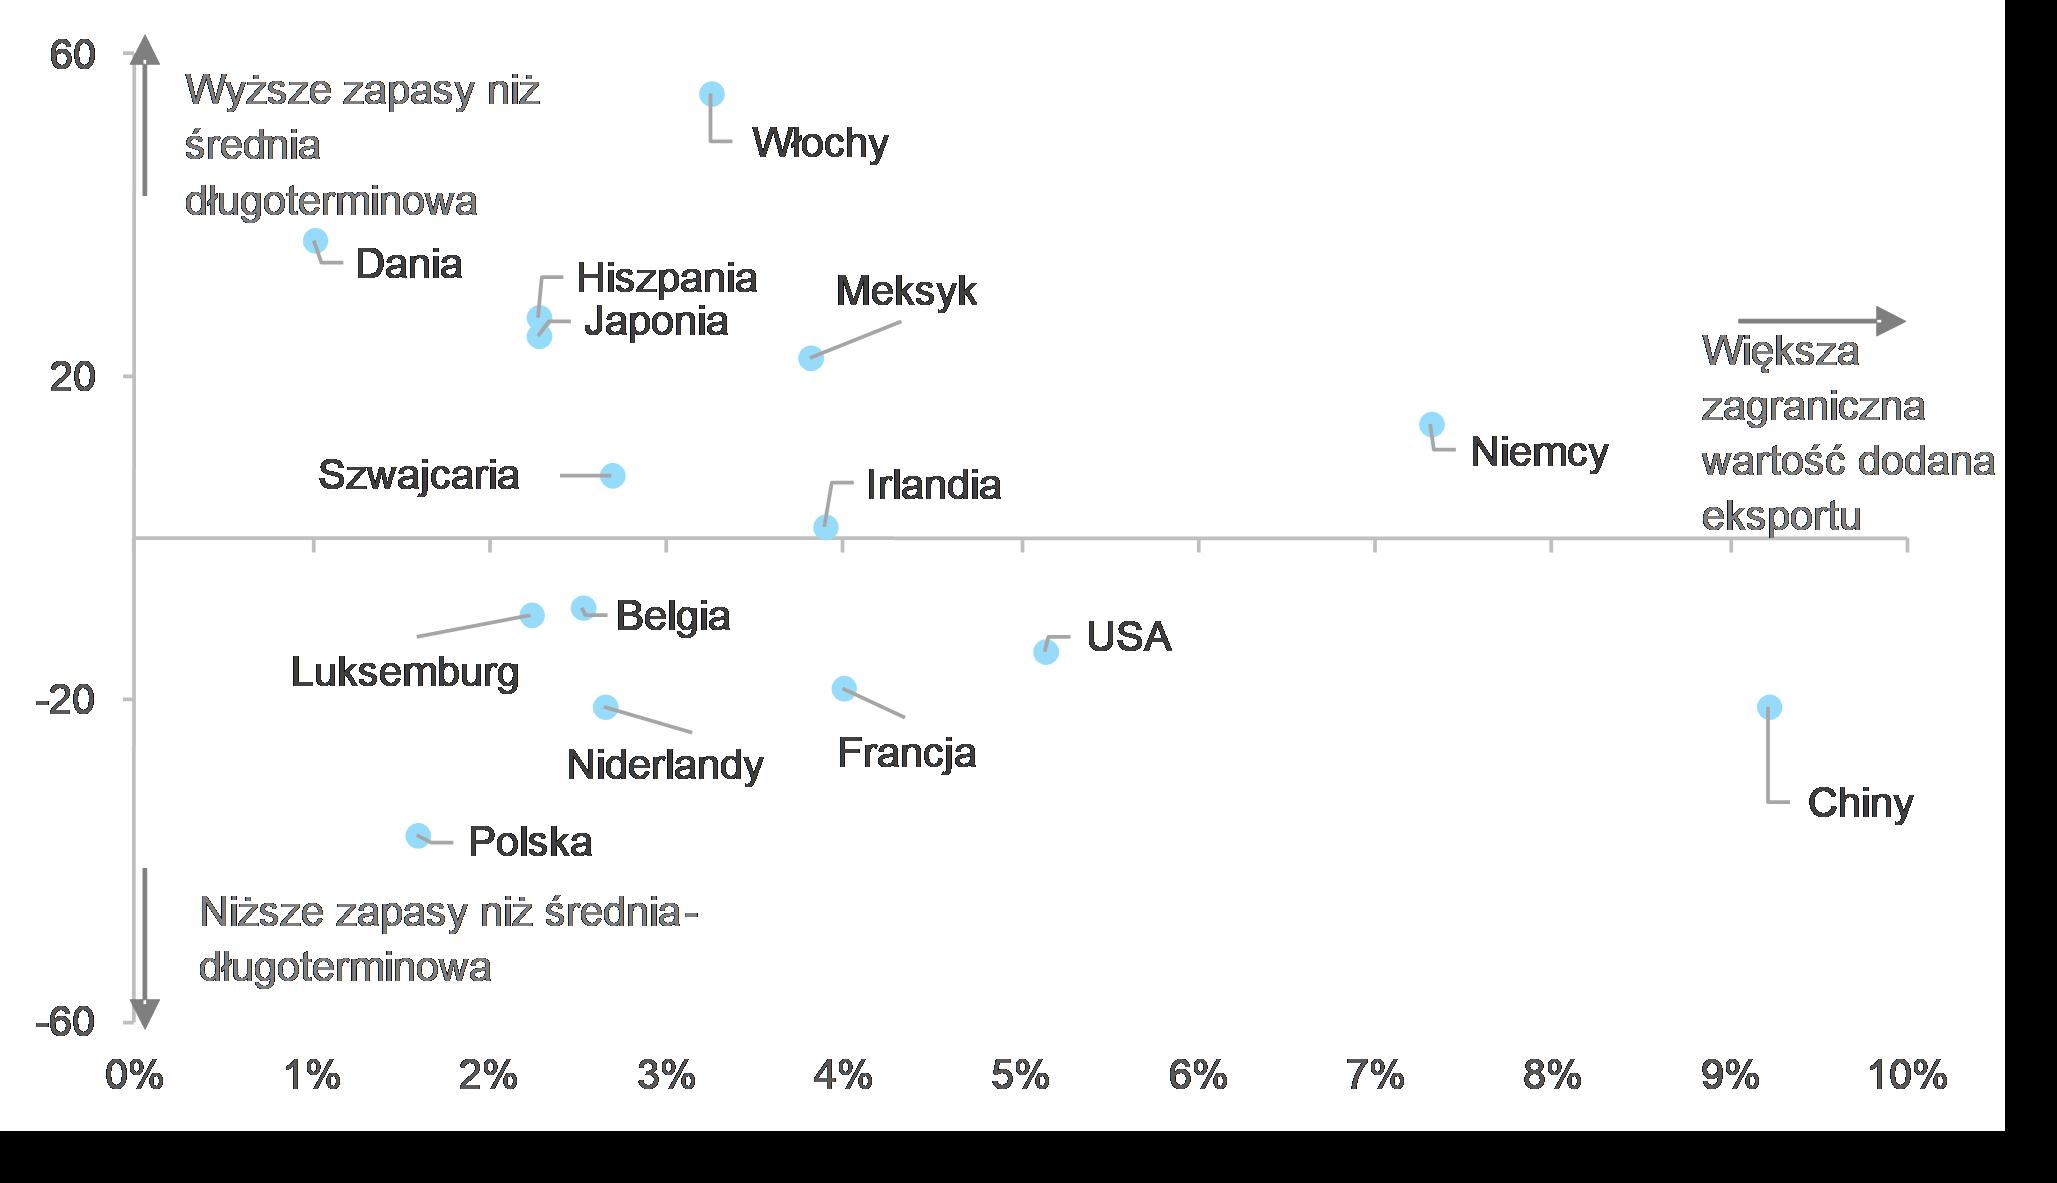 Integracja światowego łańcucha dostaw i poziom zapasów według krajów